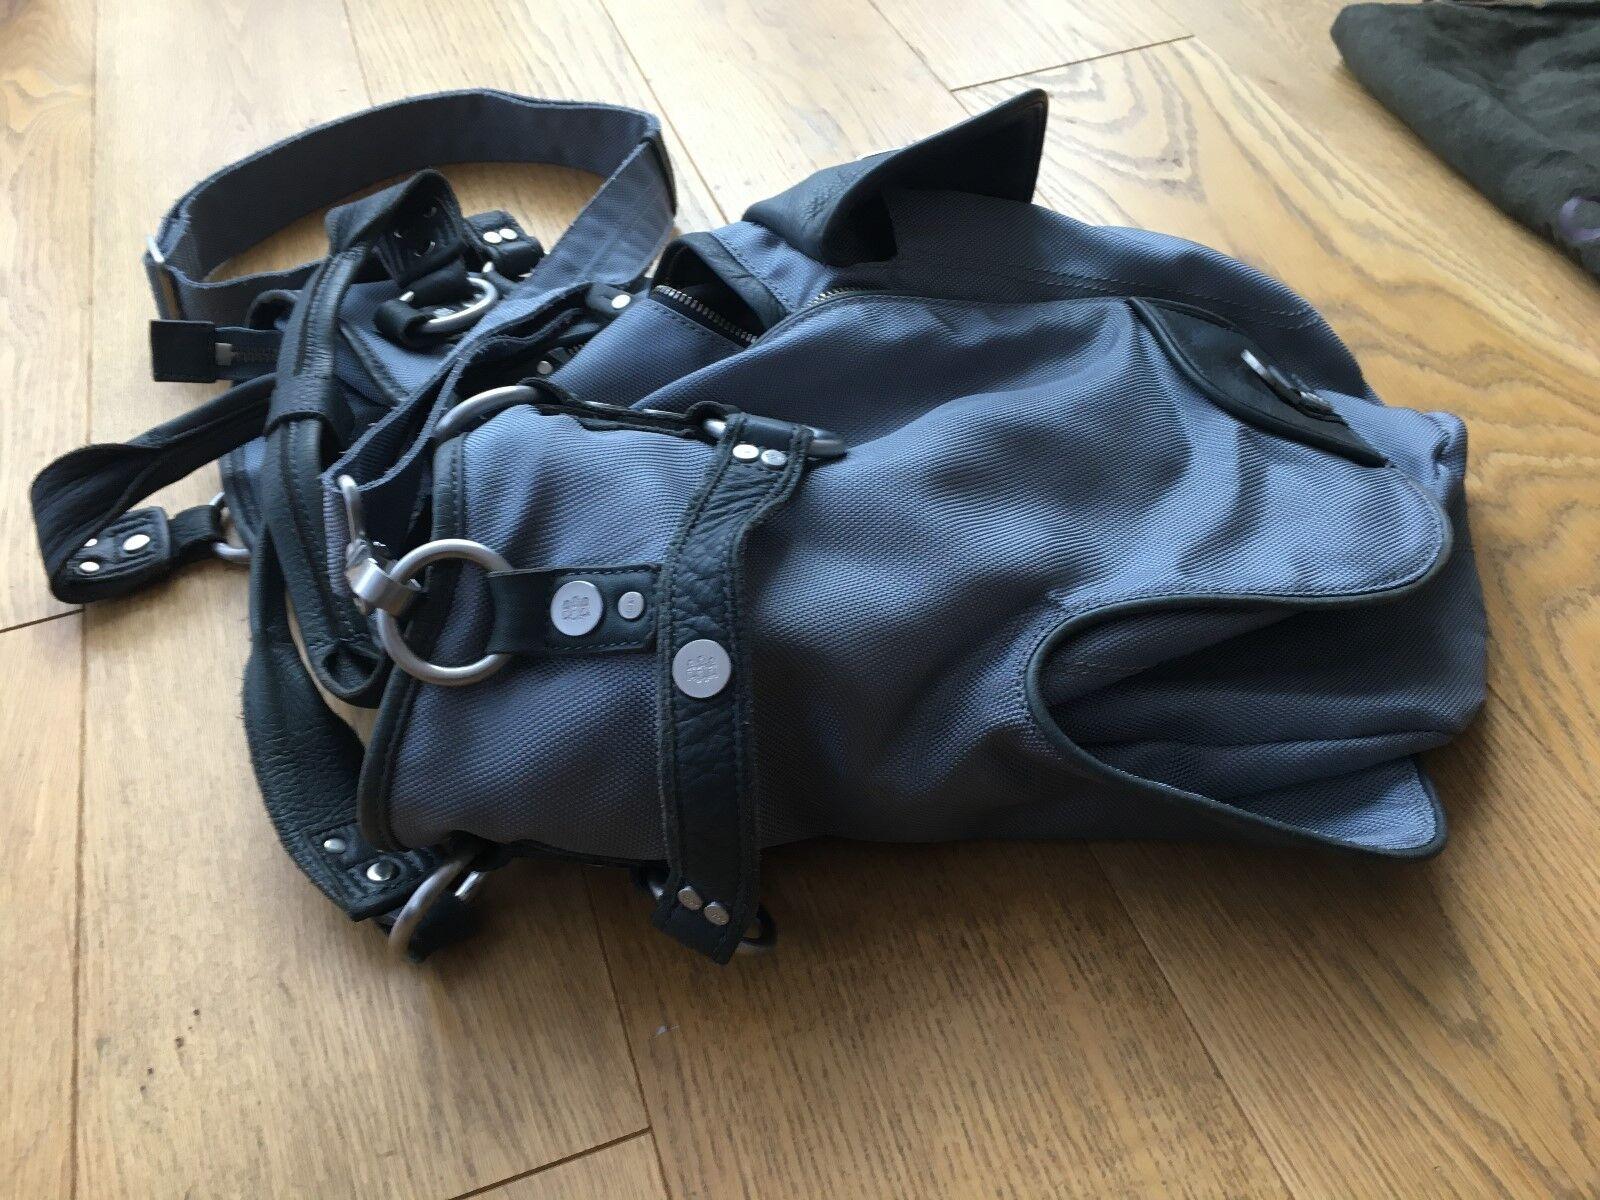 George Gina & & & Lucy Tasche Nylon Leder grau groß Totebag Schultergurt TOP | Exquisite (in) Verarbeitung  | Clever und praktisch  | Guter weltweiter Ruf  4a217e